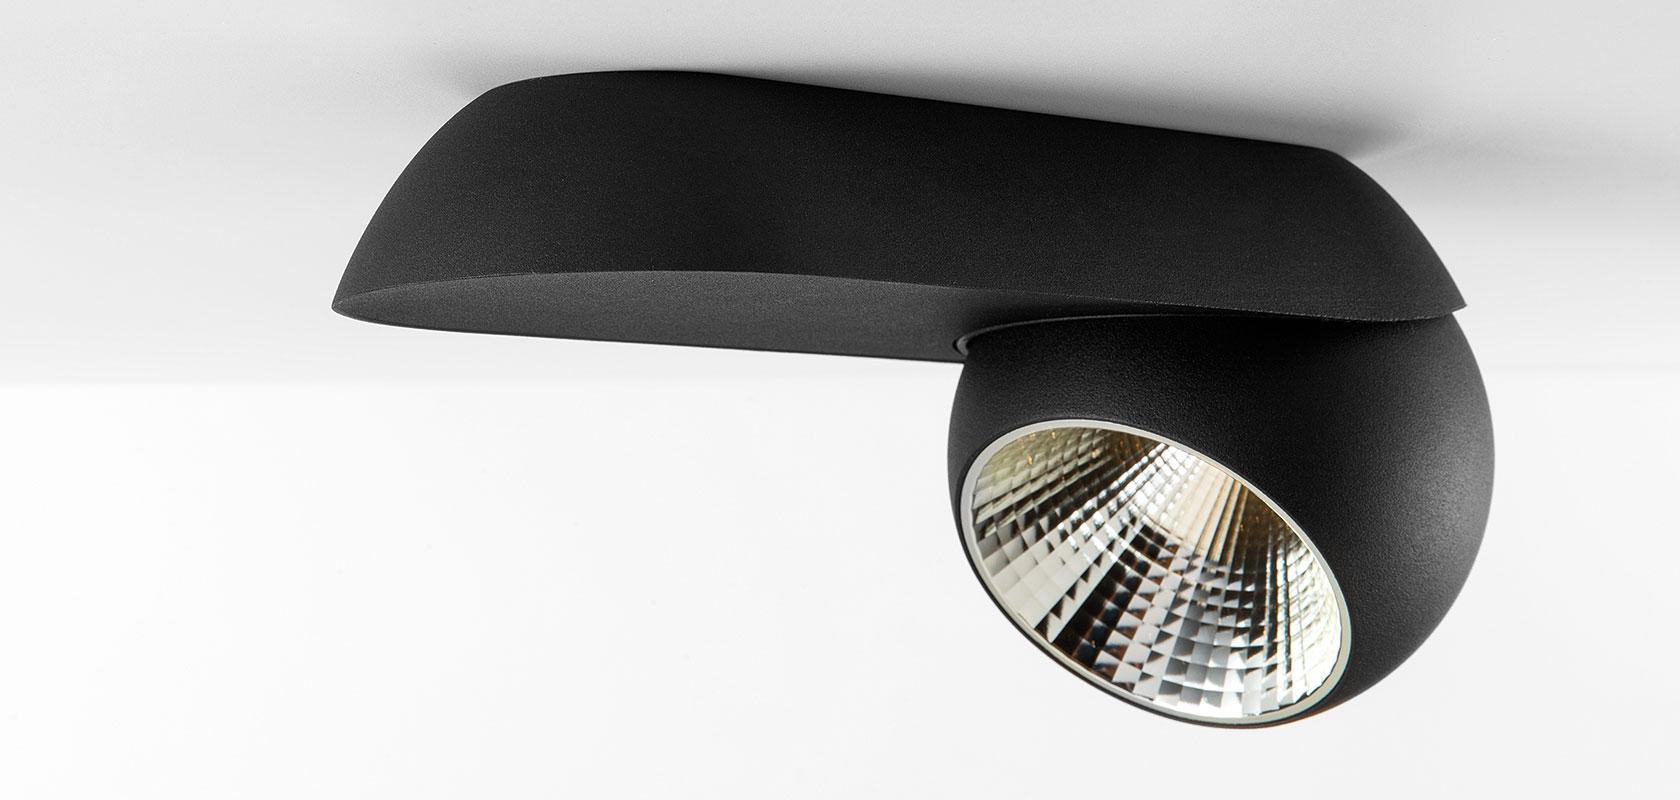 Marbul 1X9,3W LED 715lm 2700K CRI 90 lai vihk, dimmitav, must, lae- ja seinavalgusti